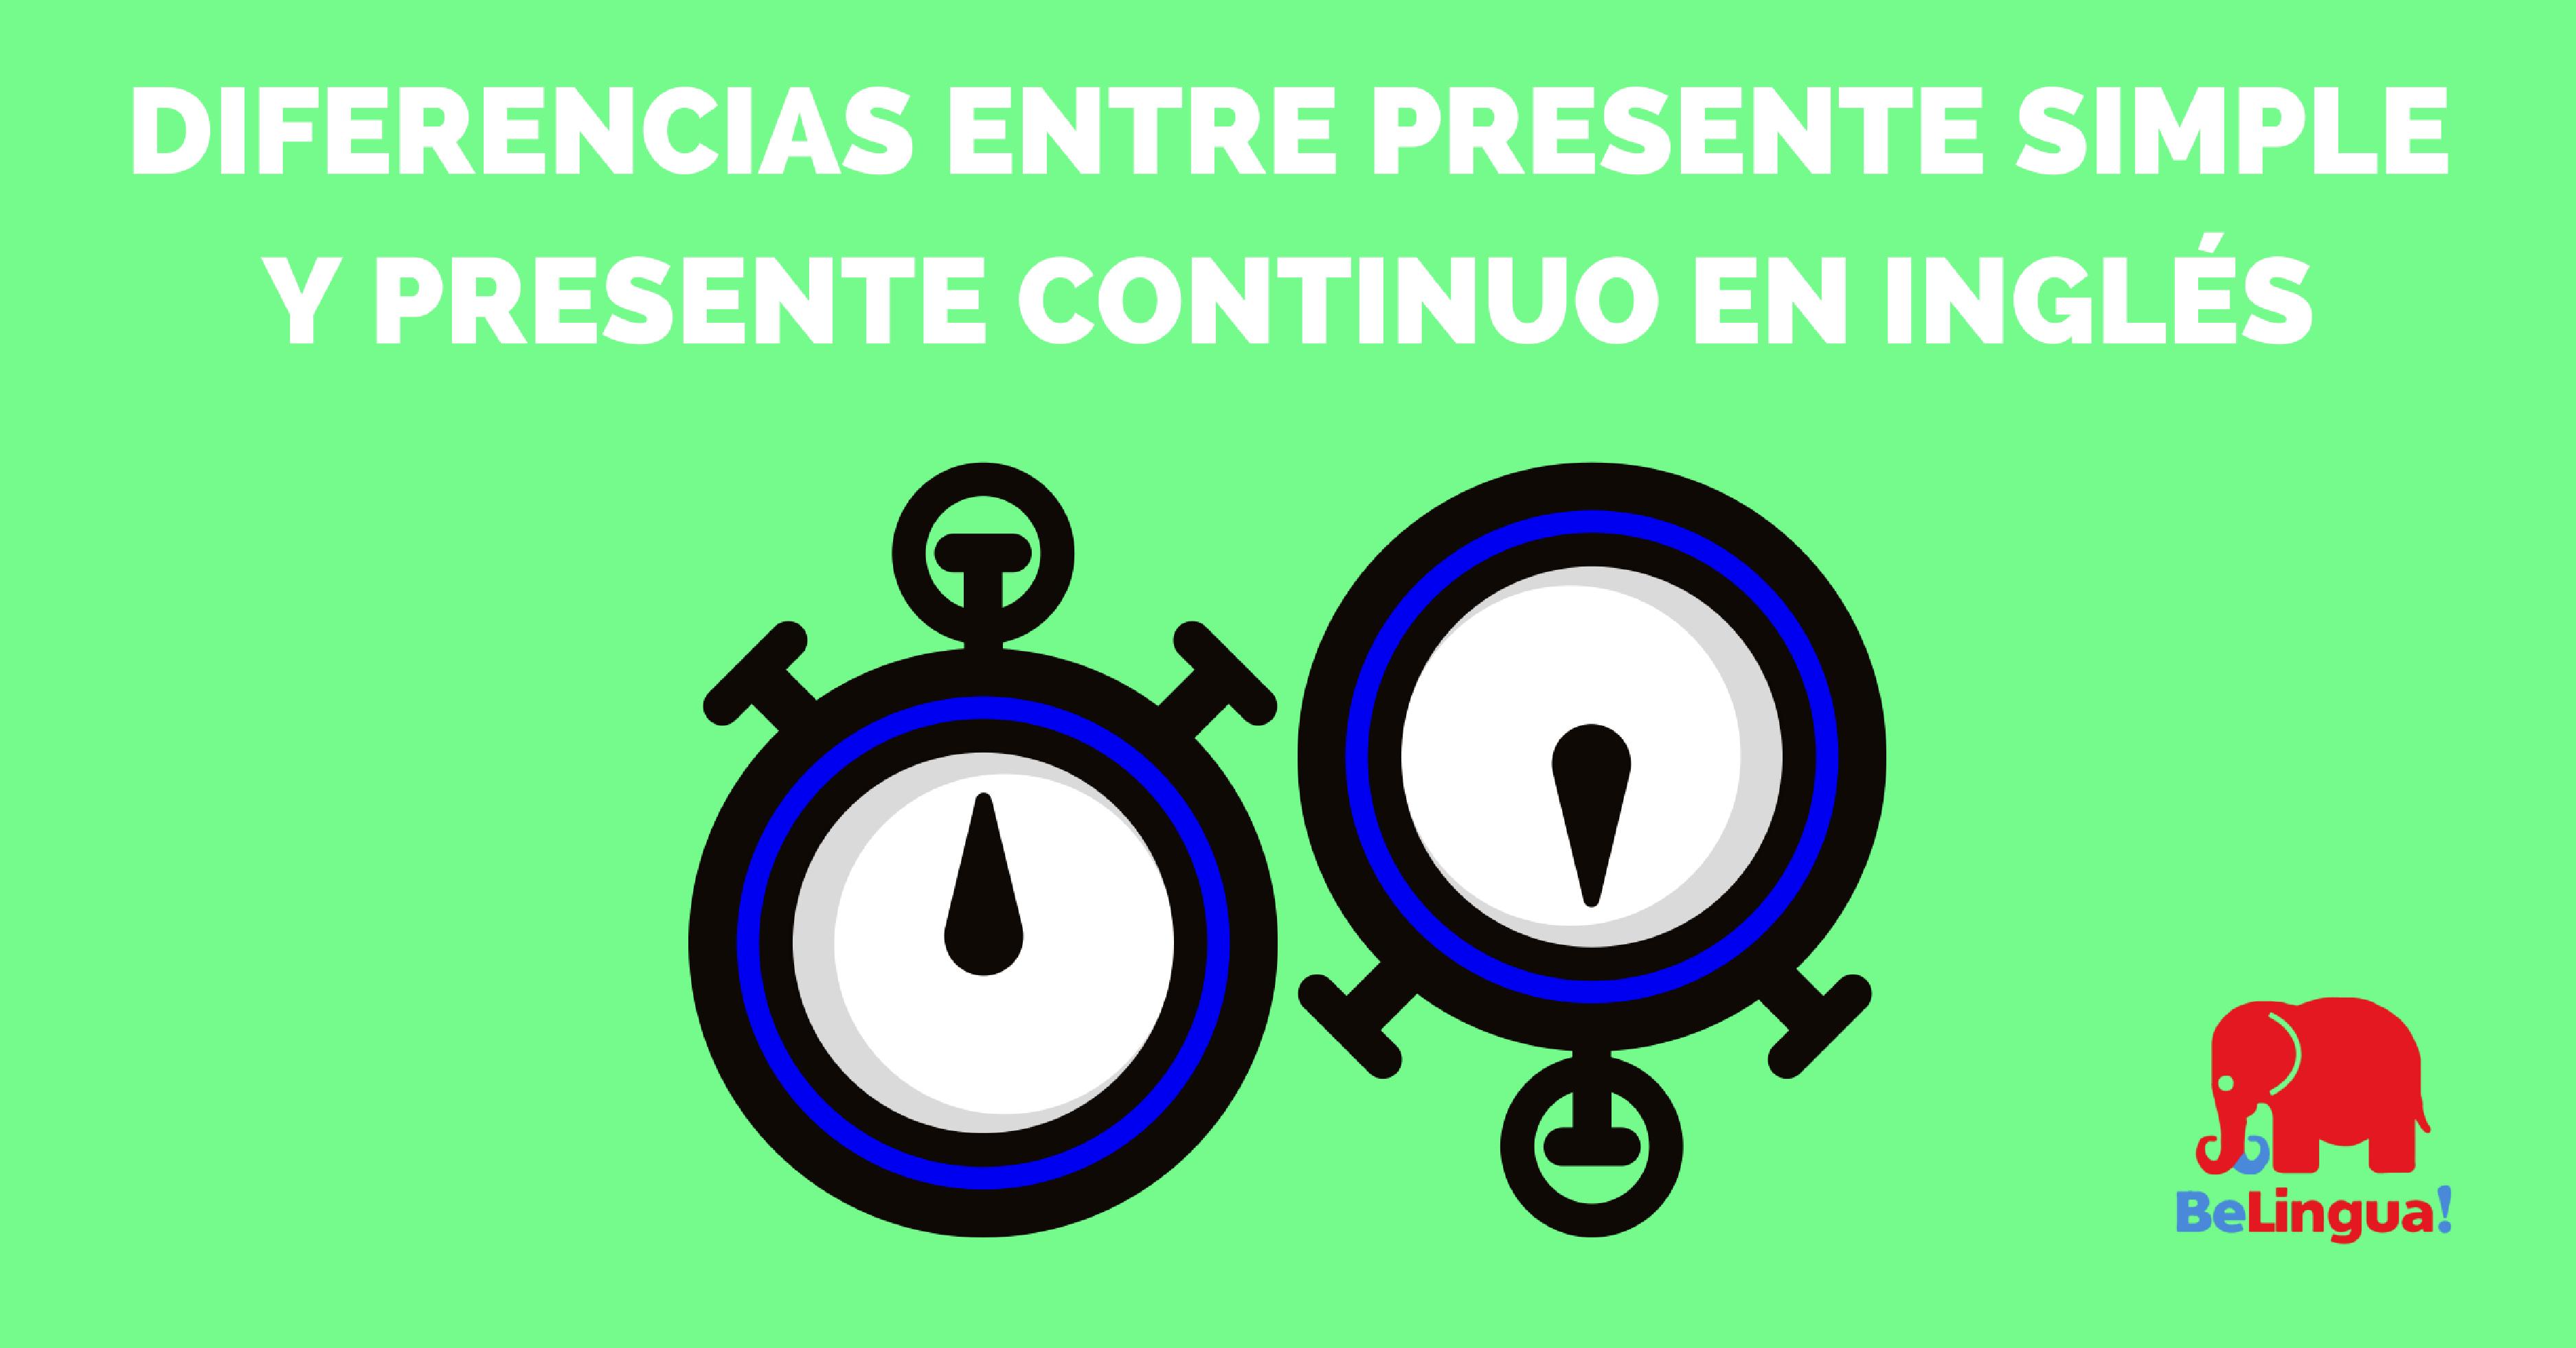 Diferencias entre presente simple y presente continuo en inglés